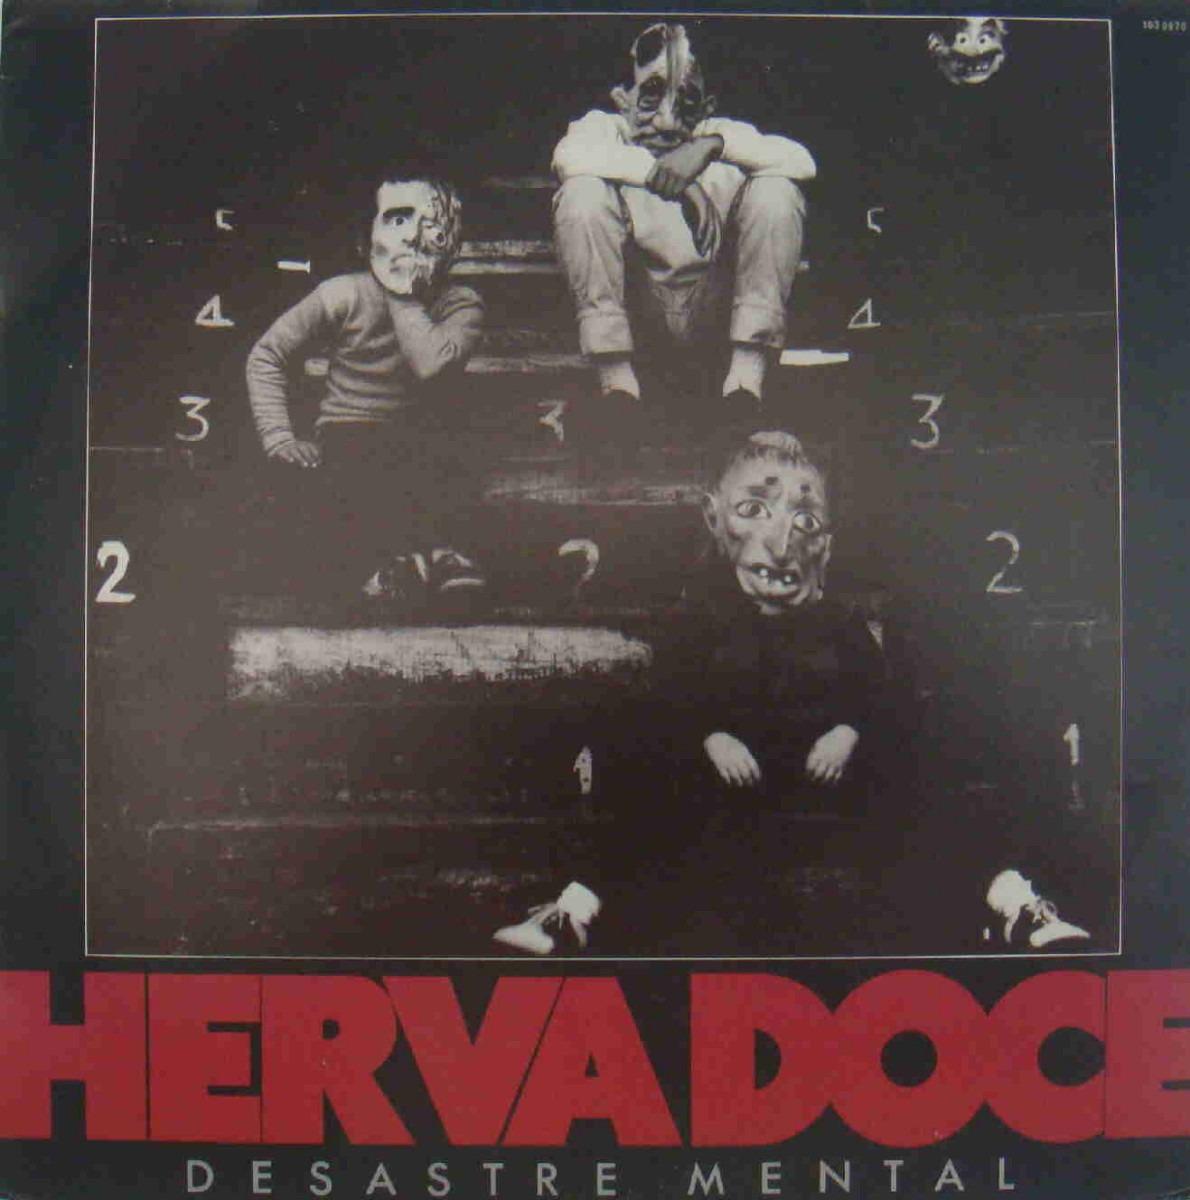 Hard Rock brazuca: Desastre Mental